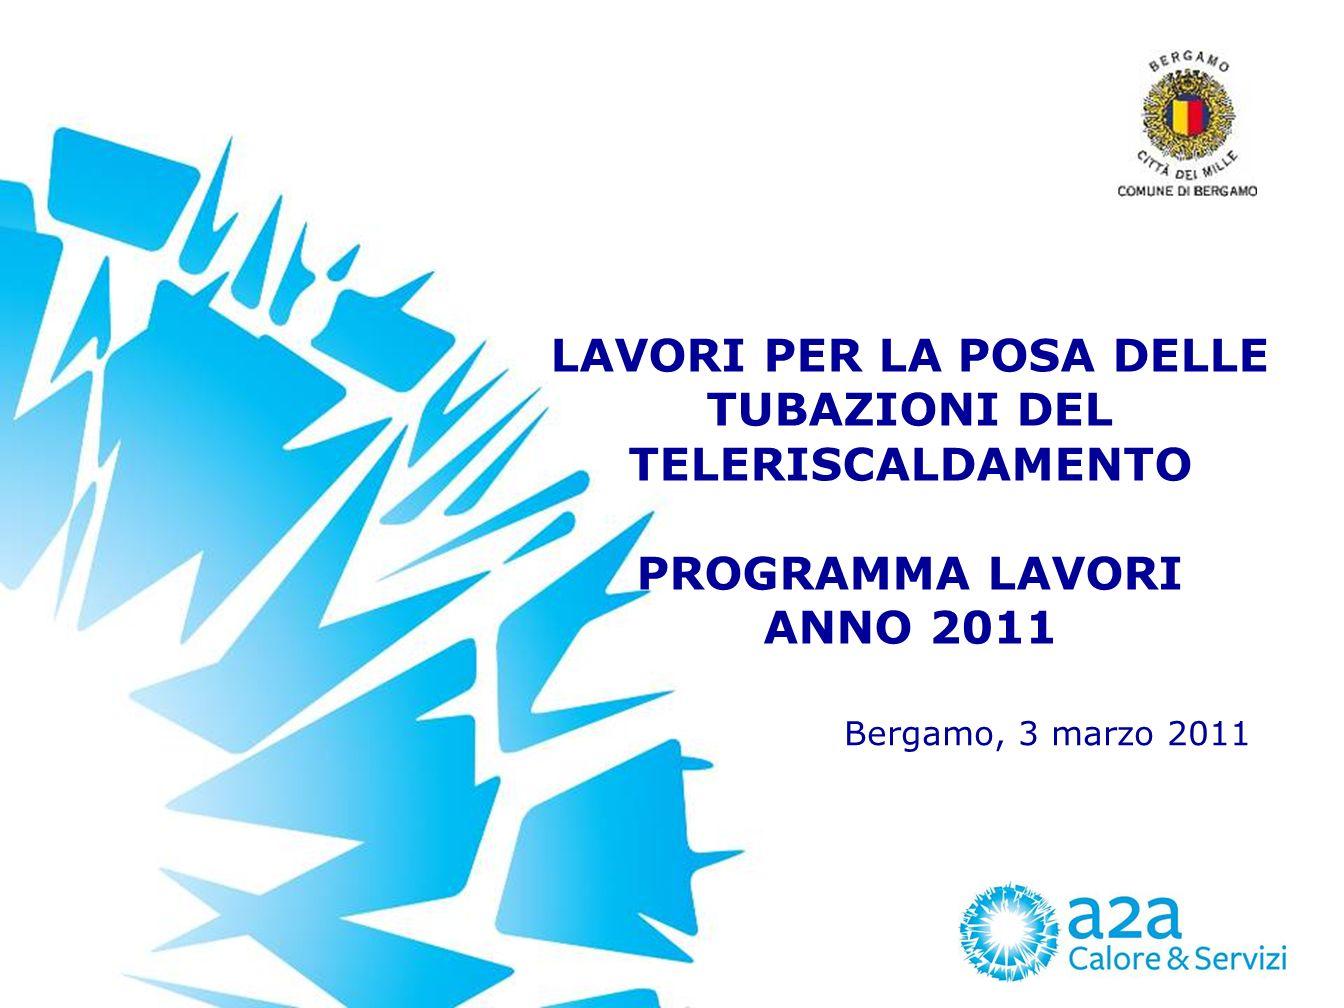 LAVORI PER LA POSA DELLE TUBAZIONI DEL TELERISCALDAMENTO PROGRAMMA LAVORI ANNO 2011 Bergamo, 3 marzo 2011